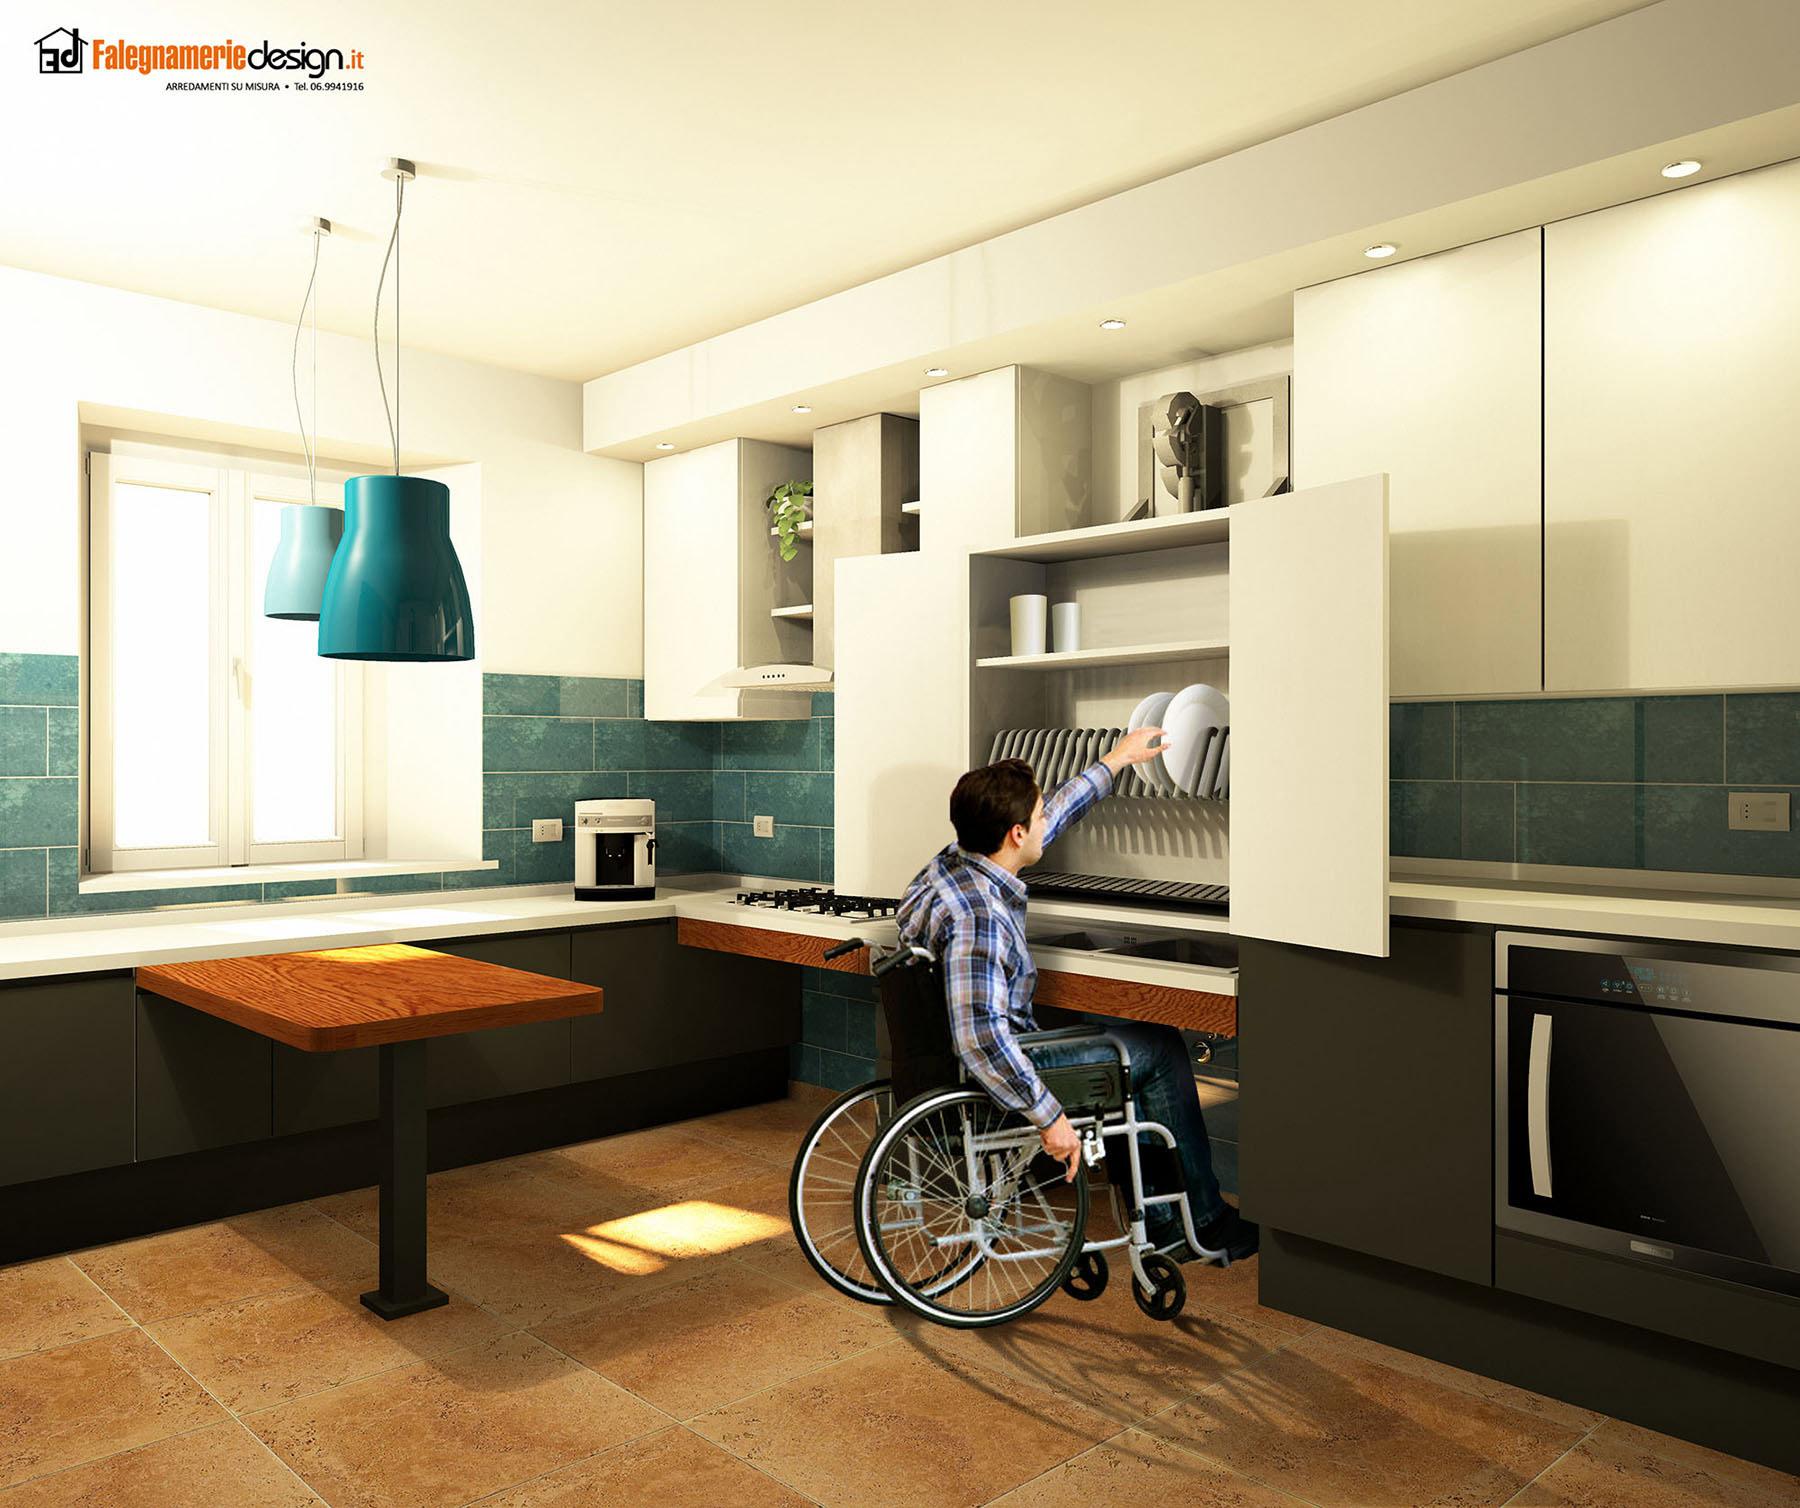 arredi per disabili il su misura perfetto falegnamerie